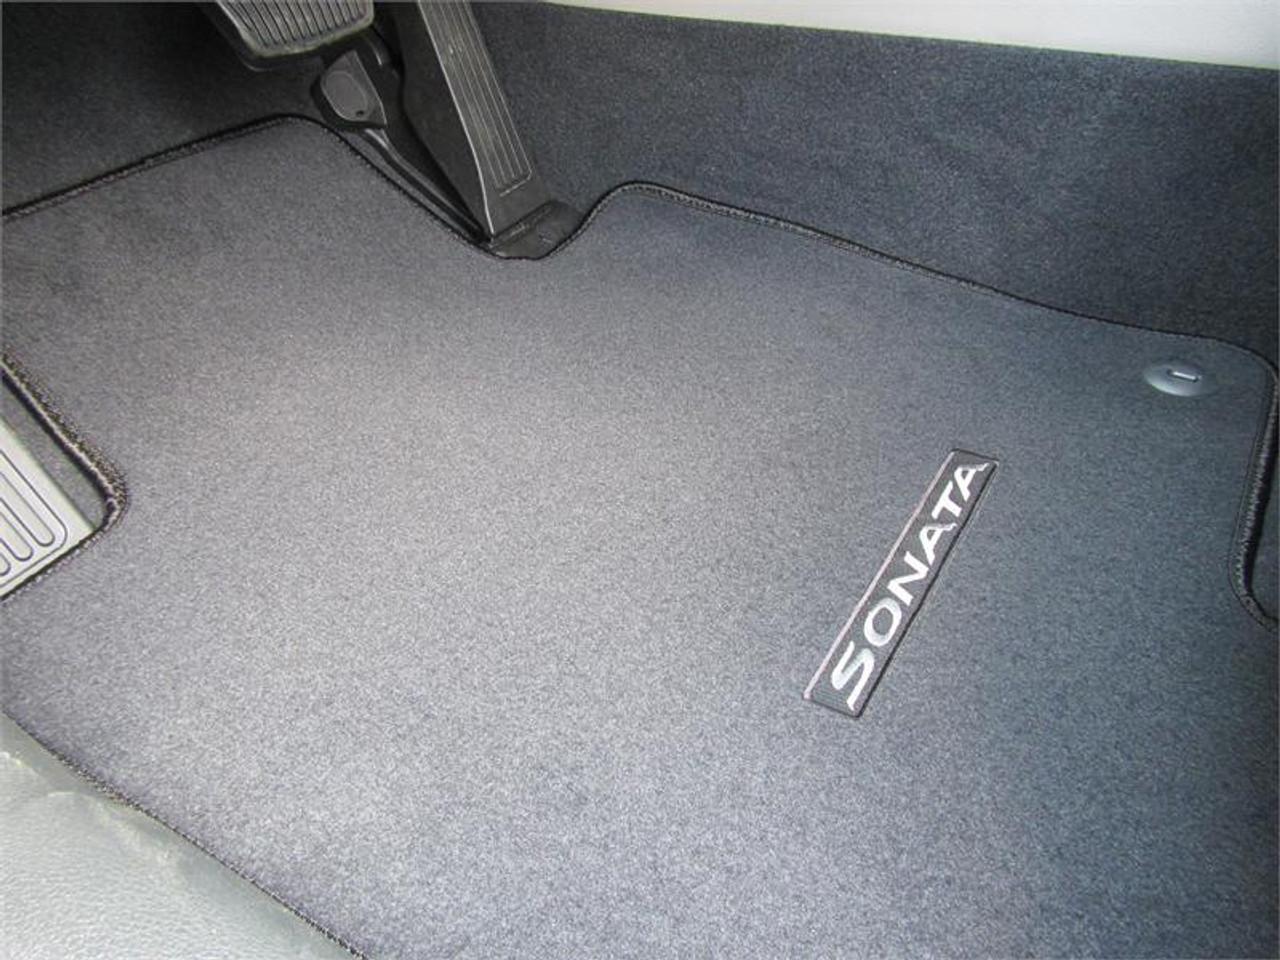 Beautiful Hyundai Sonata Floor Mats